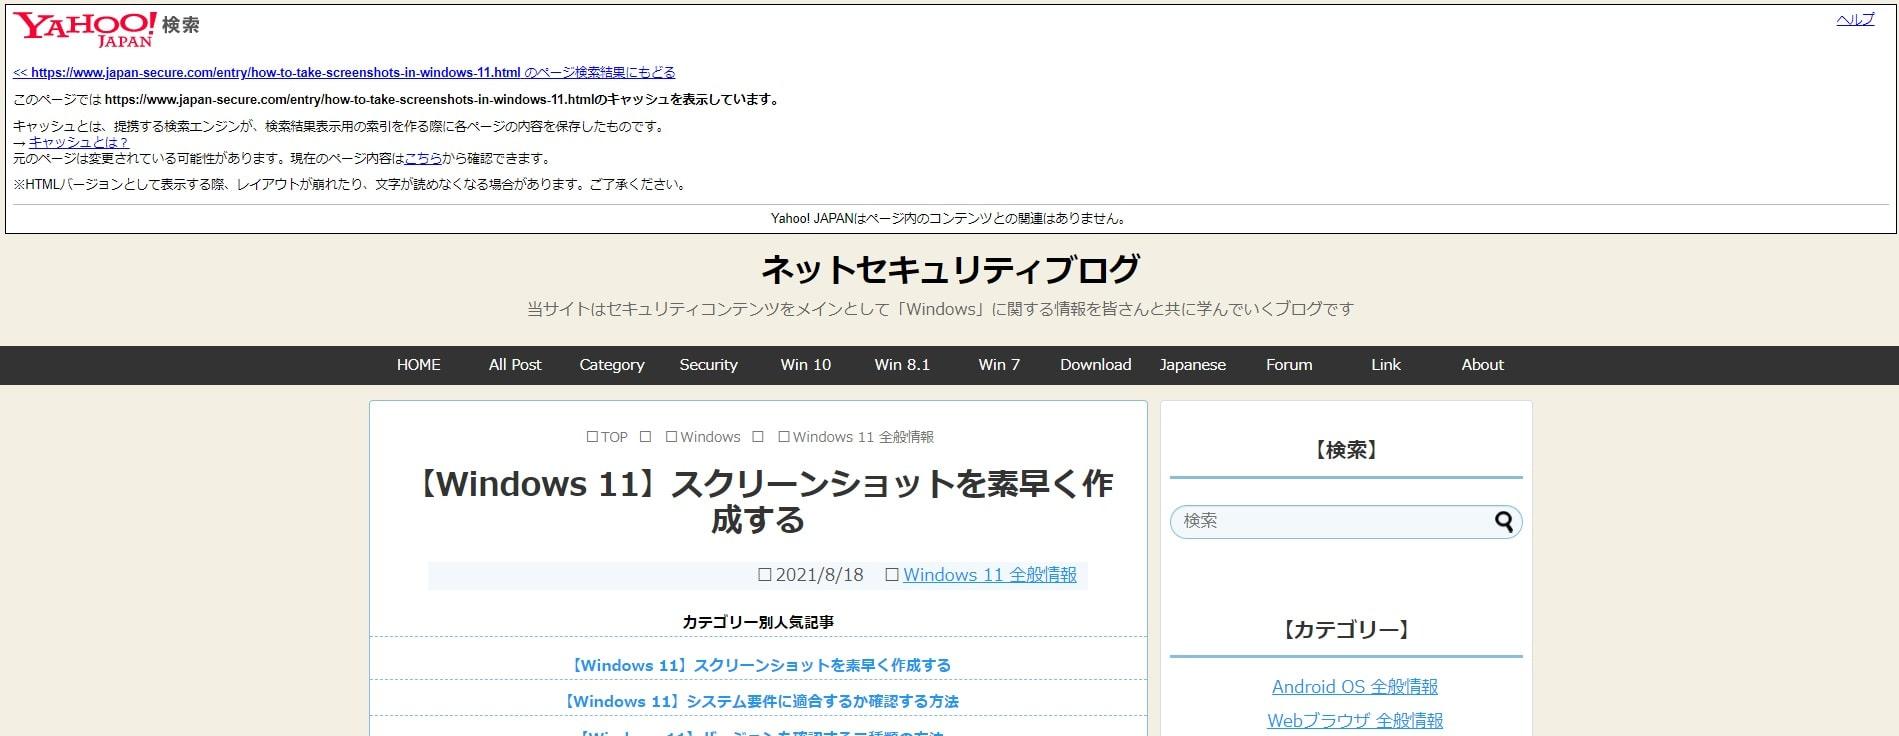 yahooが作成したネットセキュリティブログの個別記事のキャッシュ